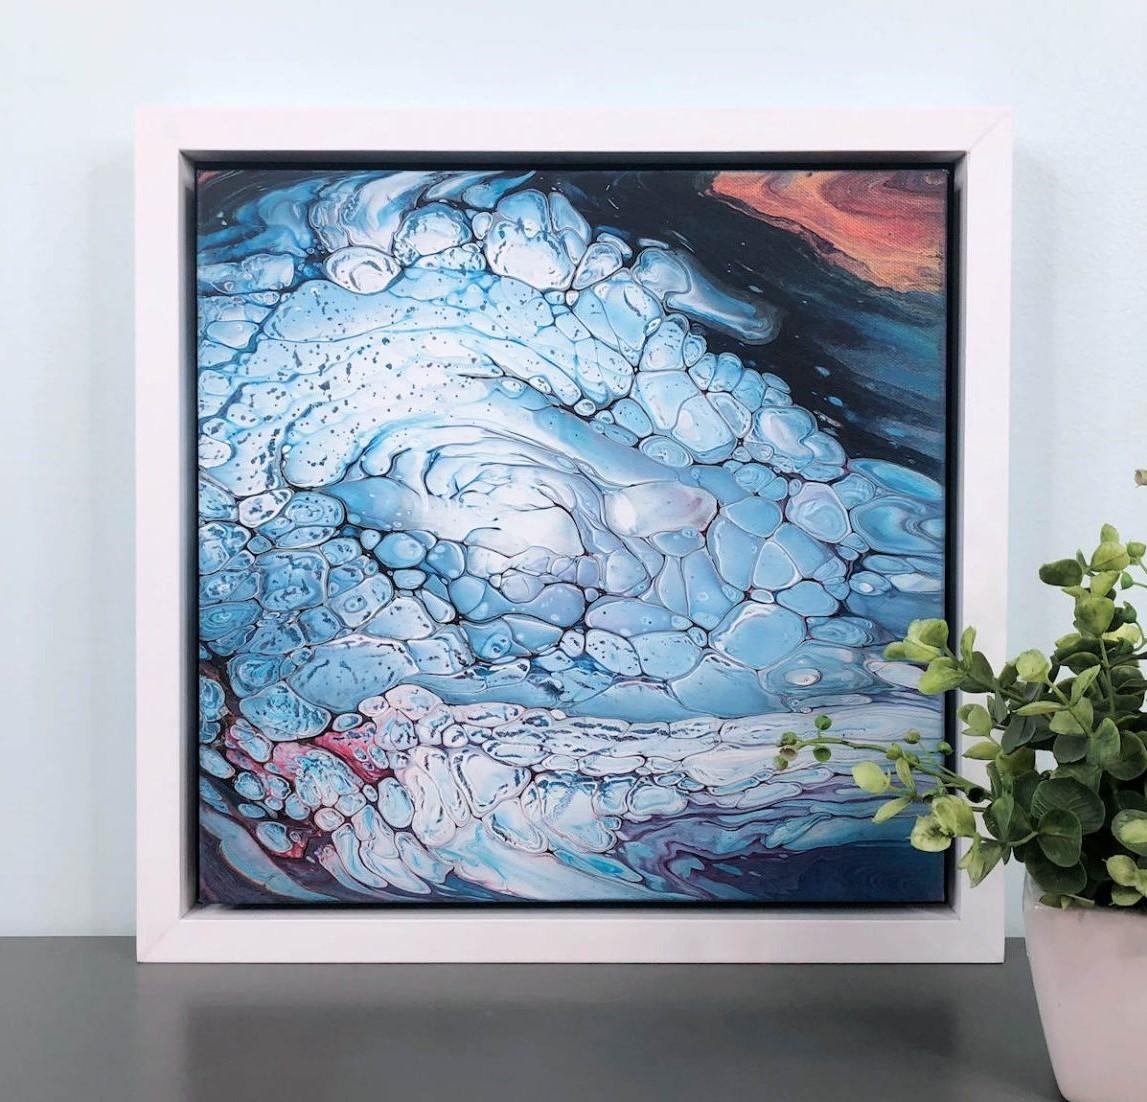 Ouvrez votre imagination et essayez de peindre quelque chose qui exprime vos pensées.